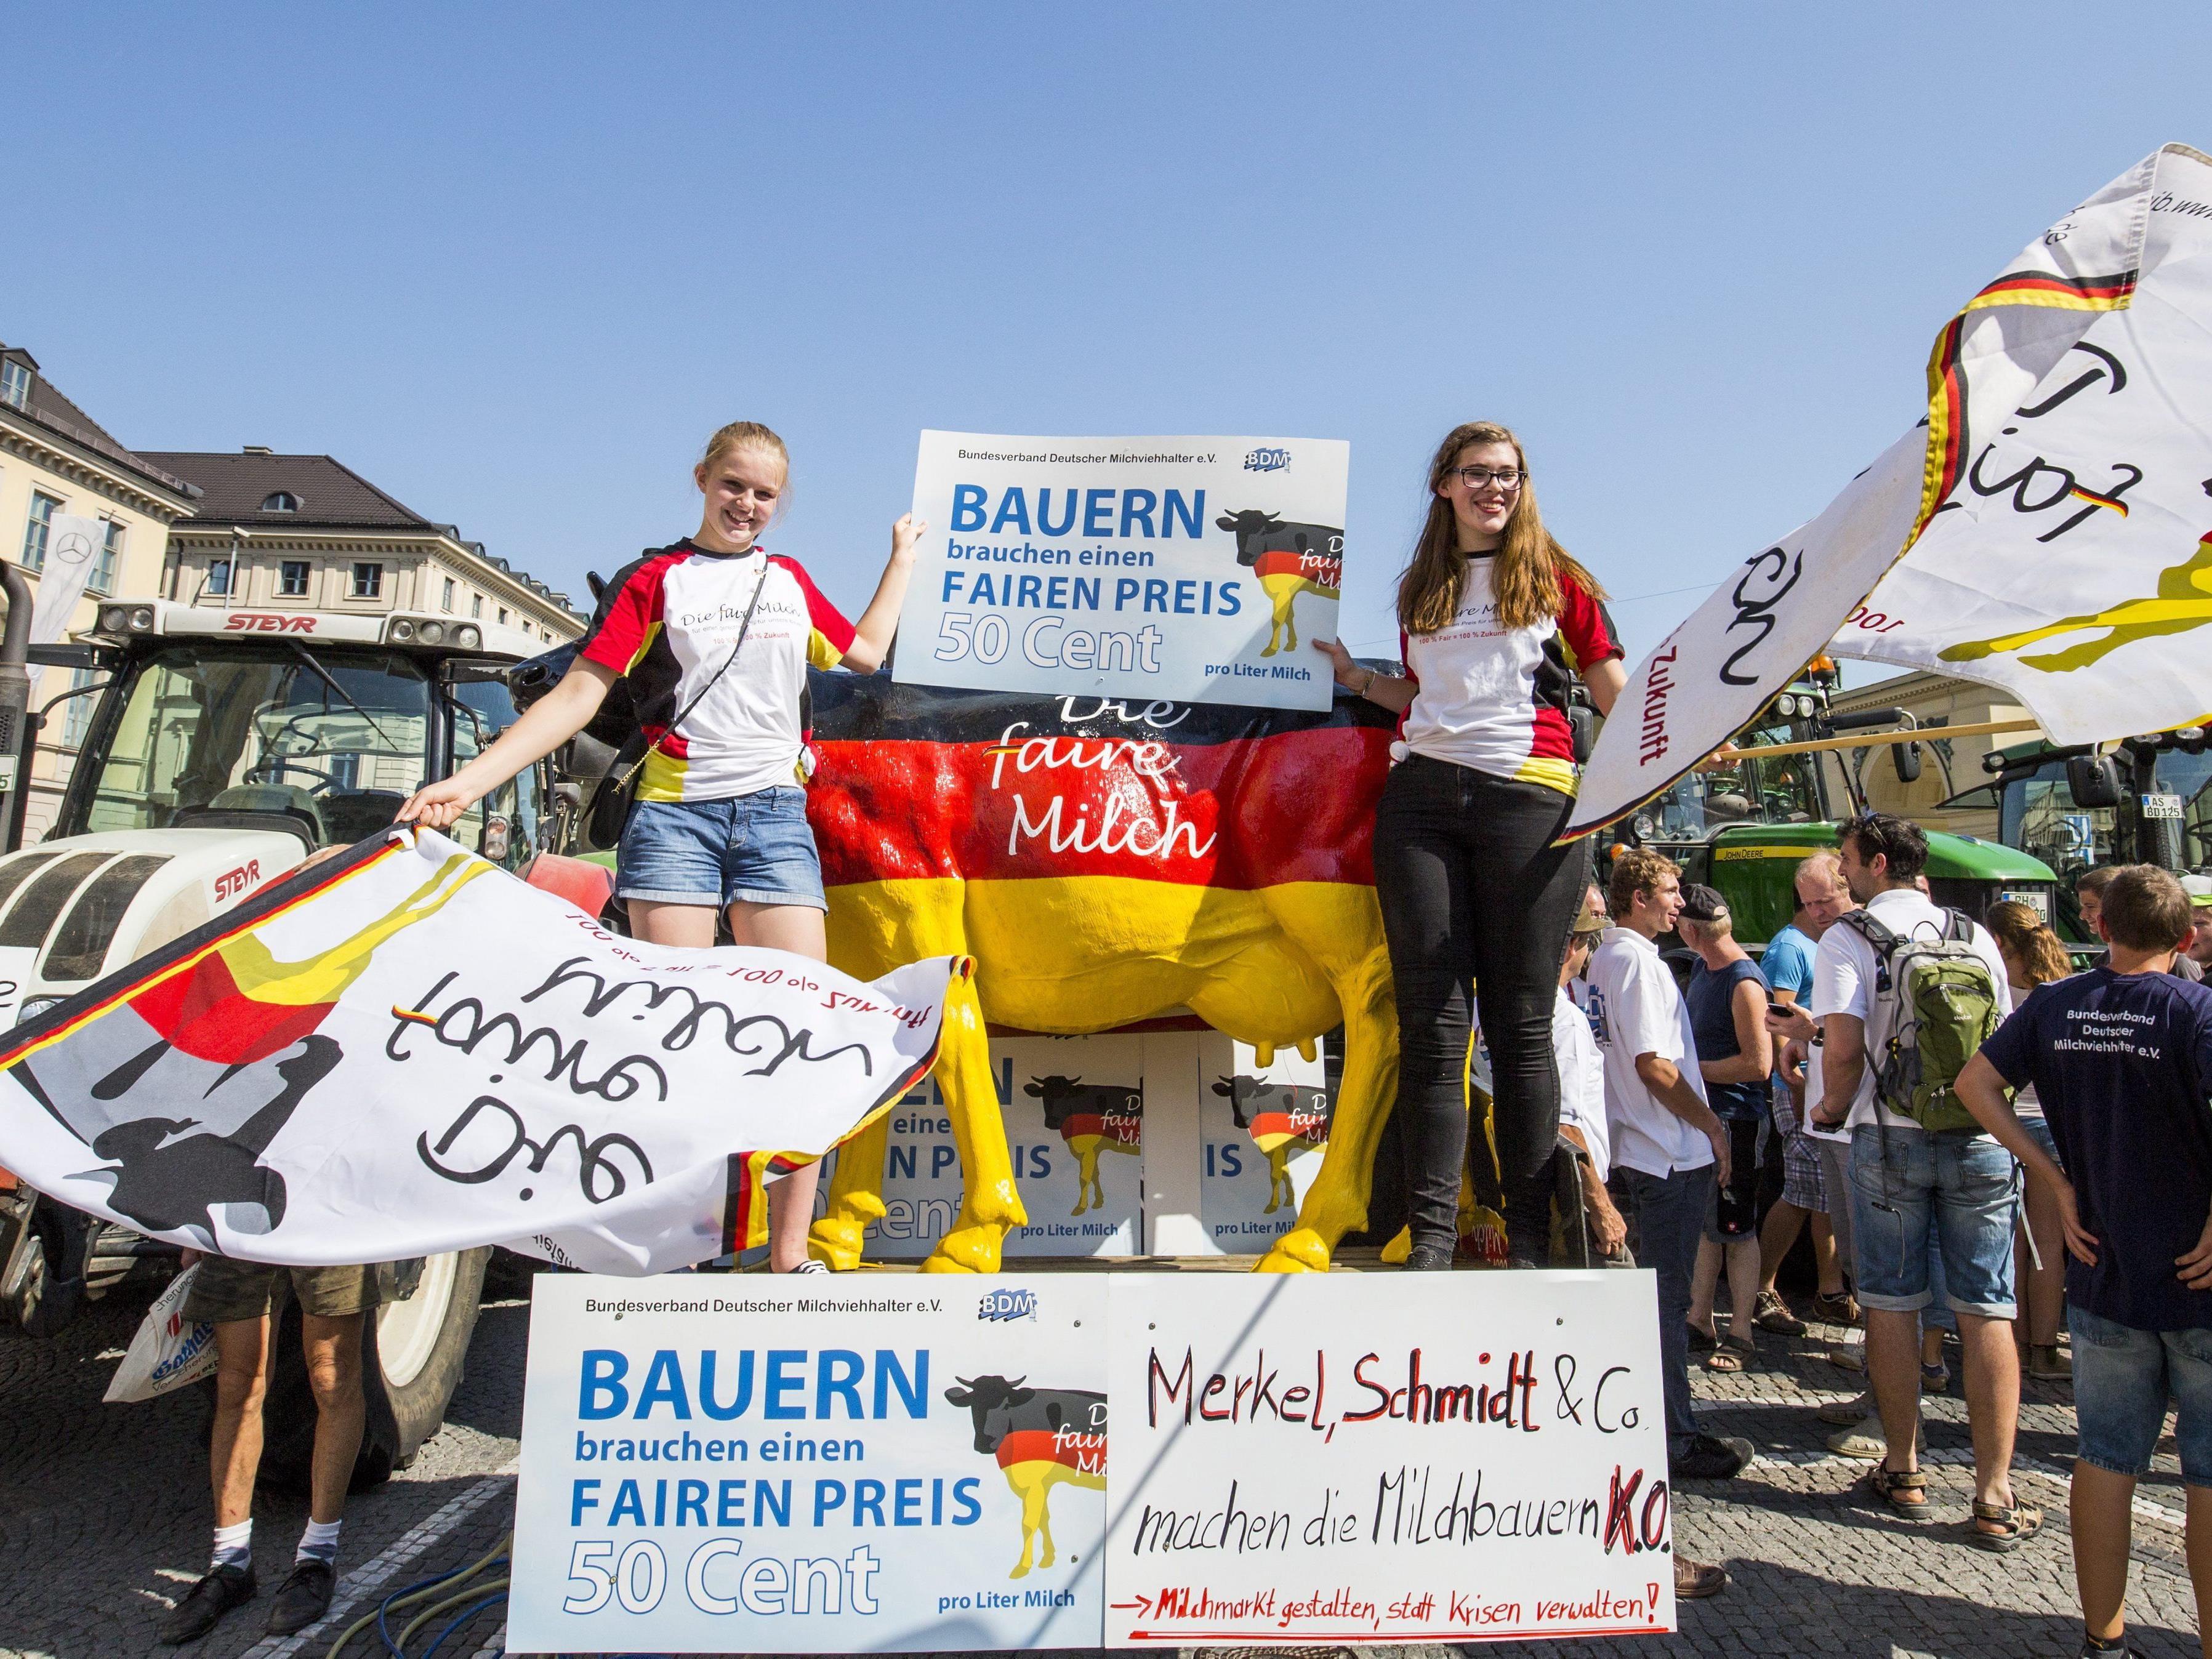 Auch Österreicher bei Großdemo in München an Ort und Stelle.